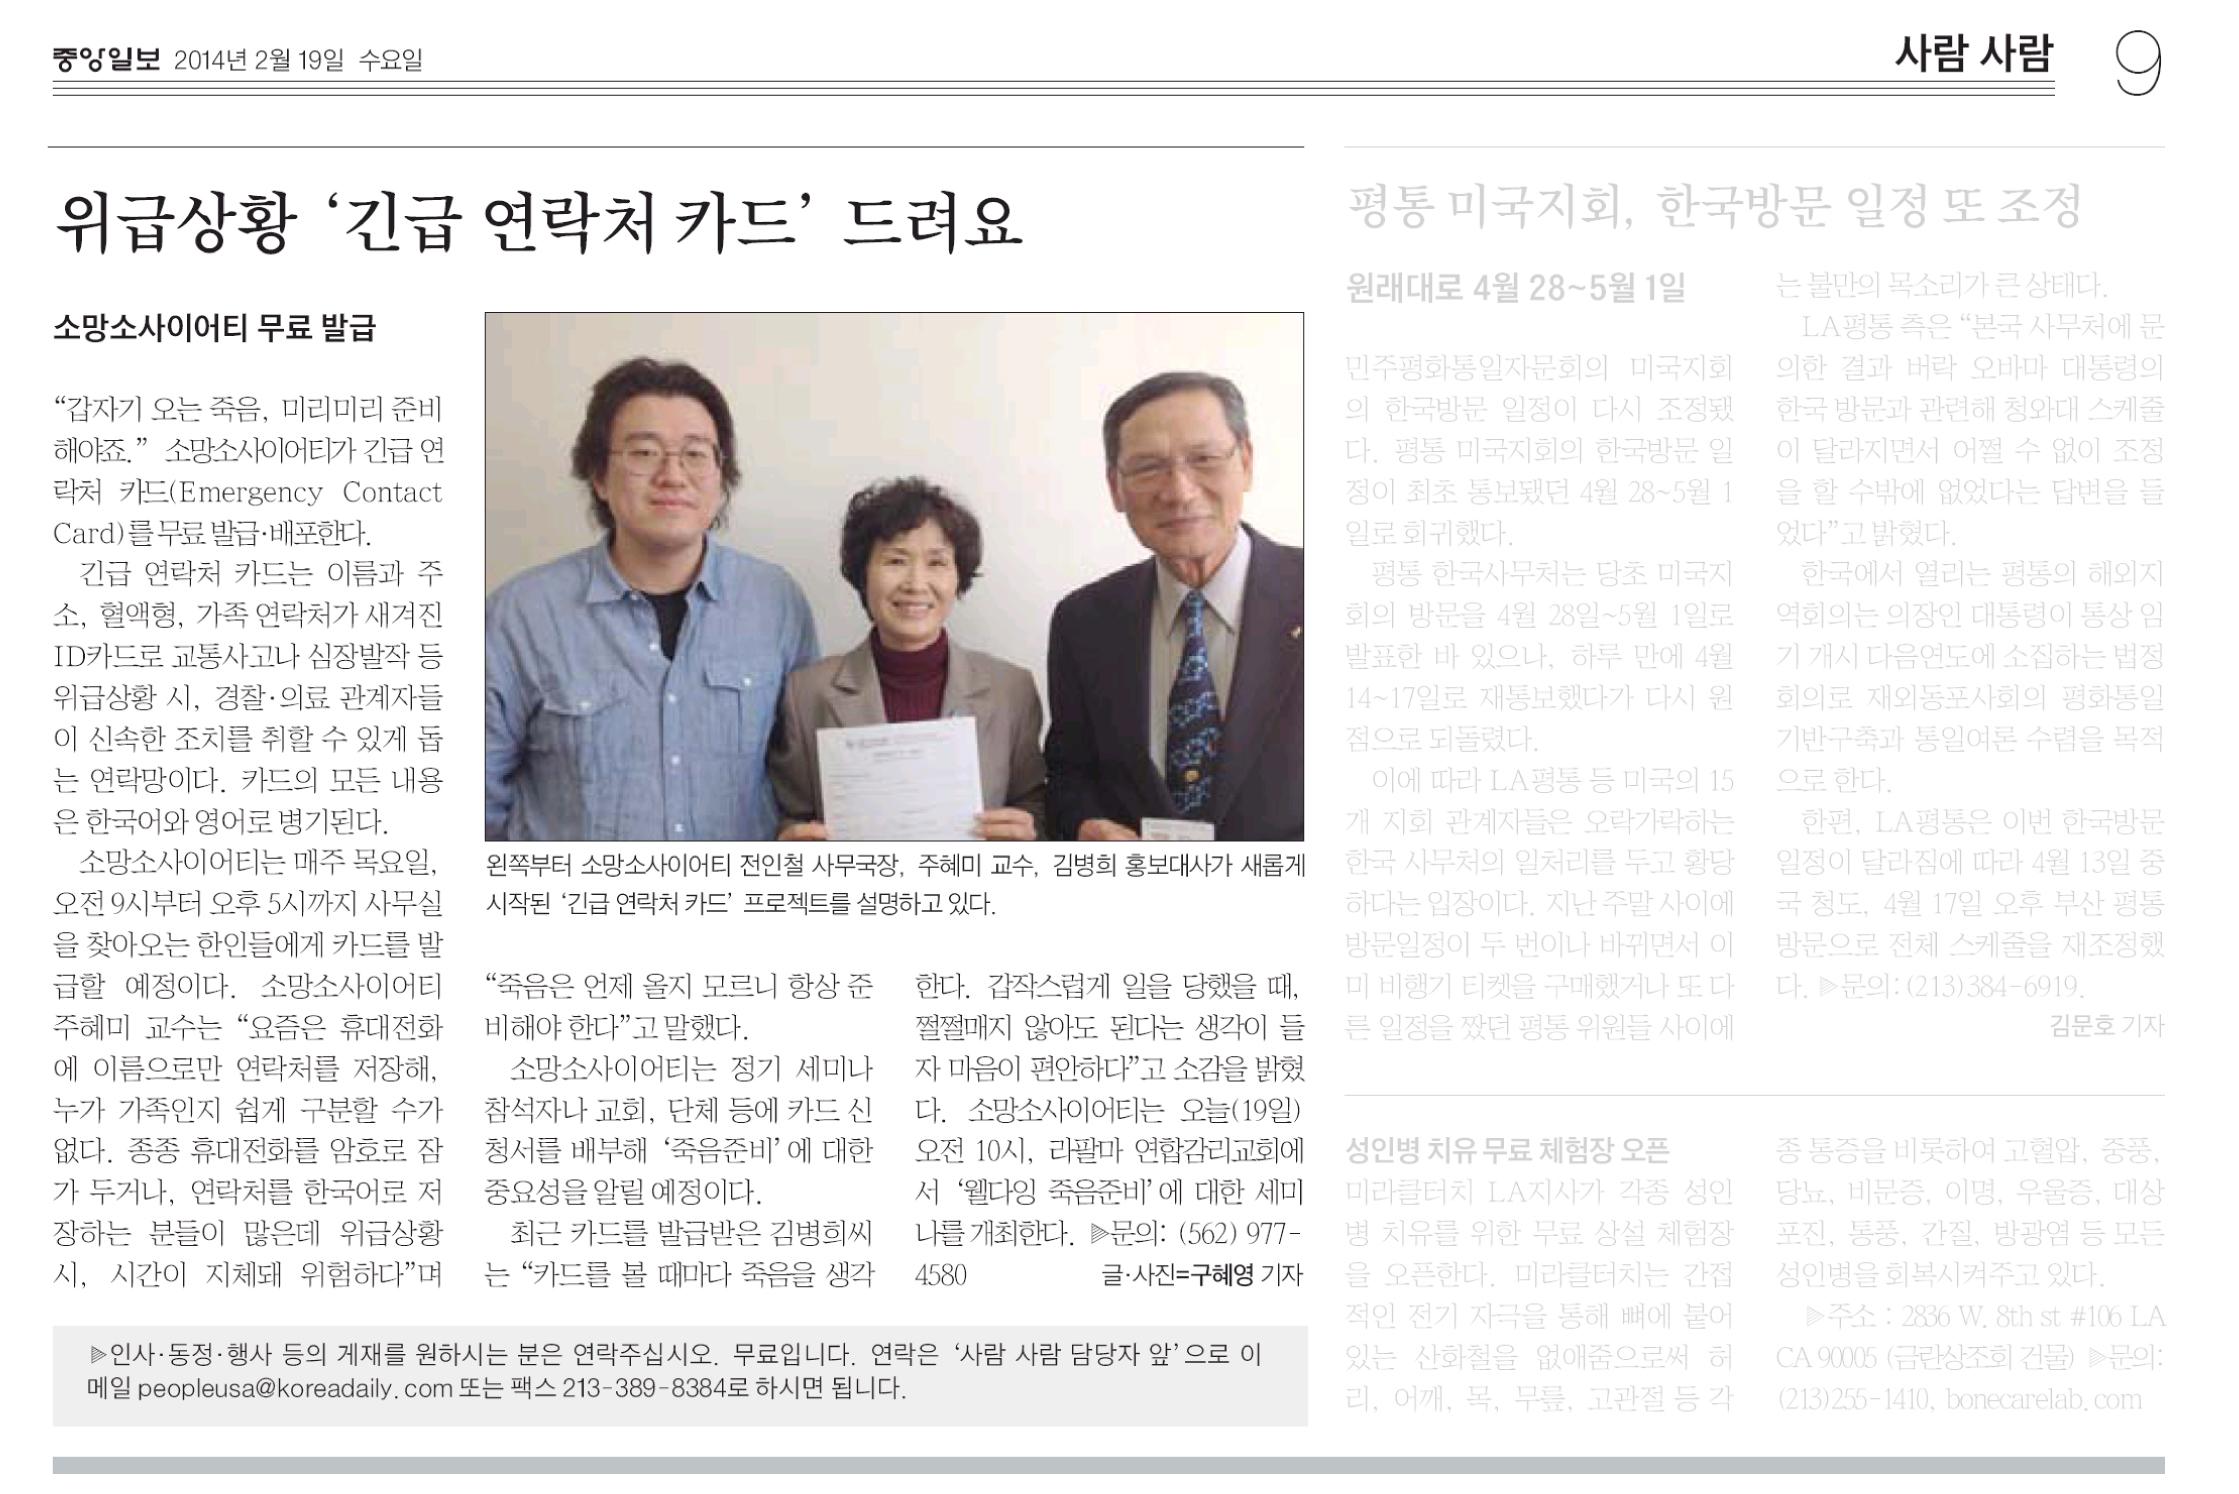 """""""위급상황'긴급 연락처 카드' 드려요"""" 2014년 2월19일 중앙일보"""